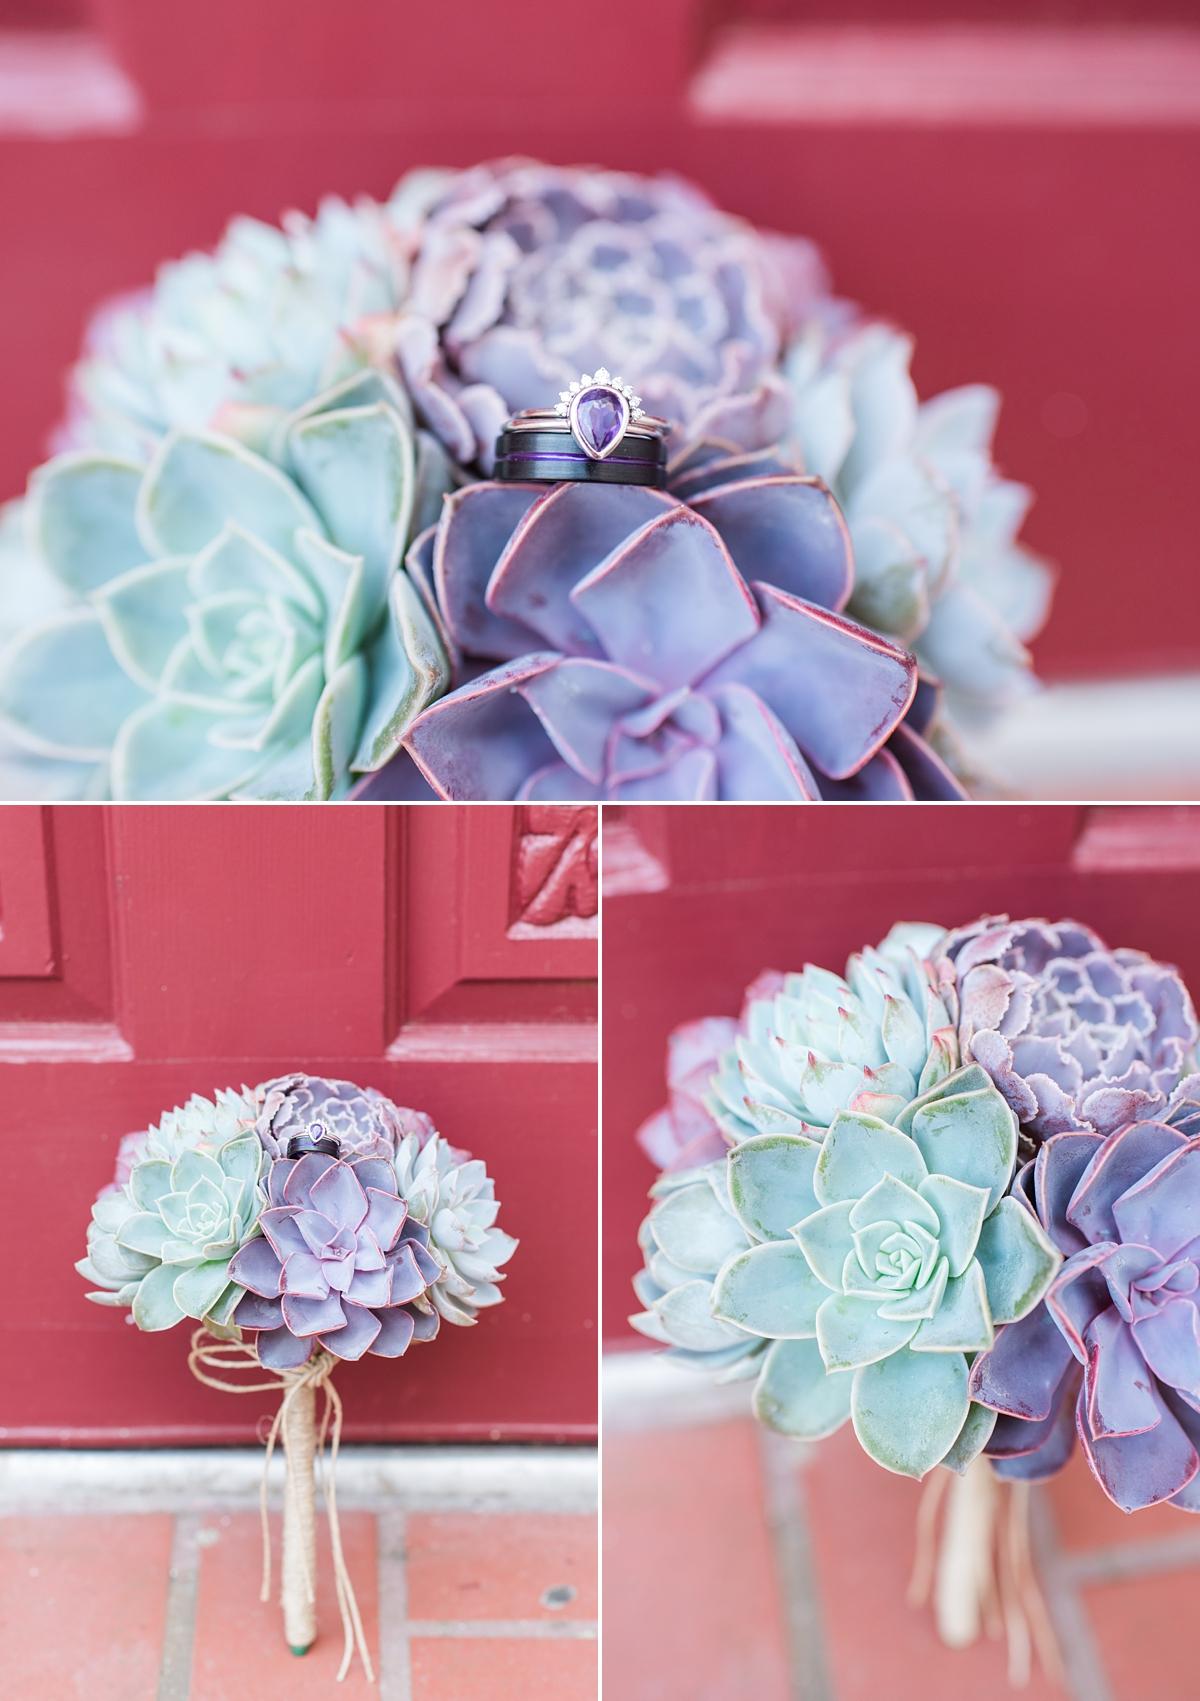 Titusville Florida Wedding_Elopement Photos_Blue Hair_Succulent Bouquet_Elopement Inspiration_13.jpg